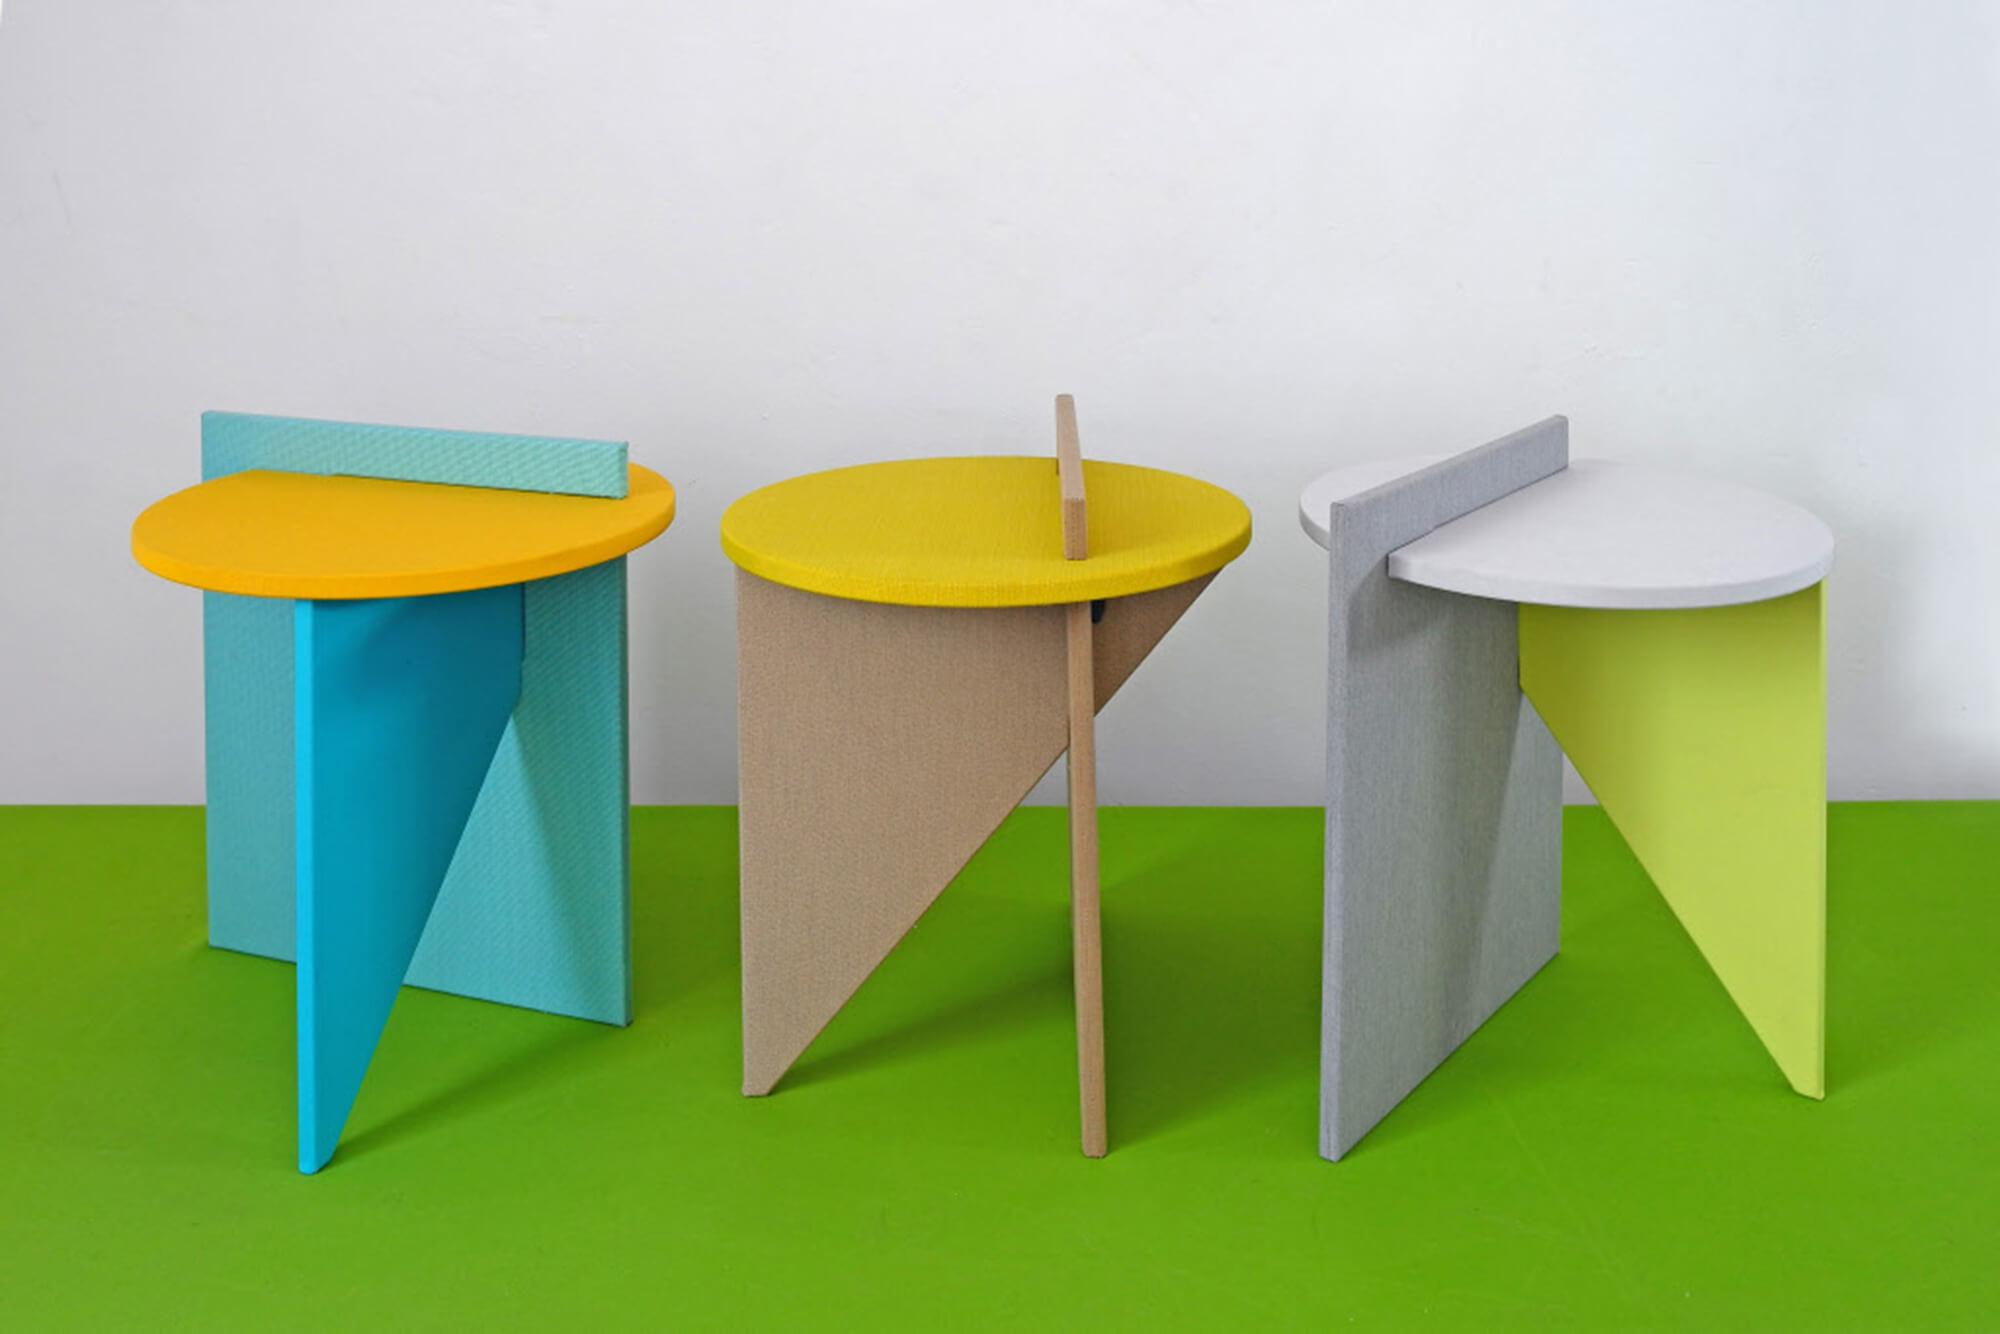 Mesas laterales de color azul, amarillo y verde diseñadas por Atelier Lavit